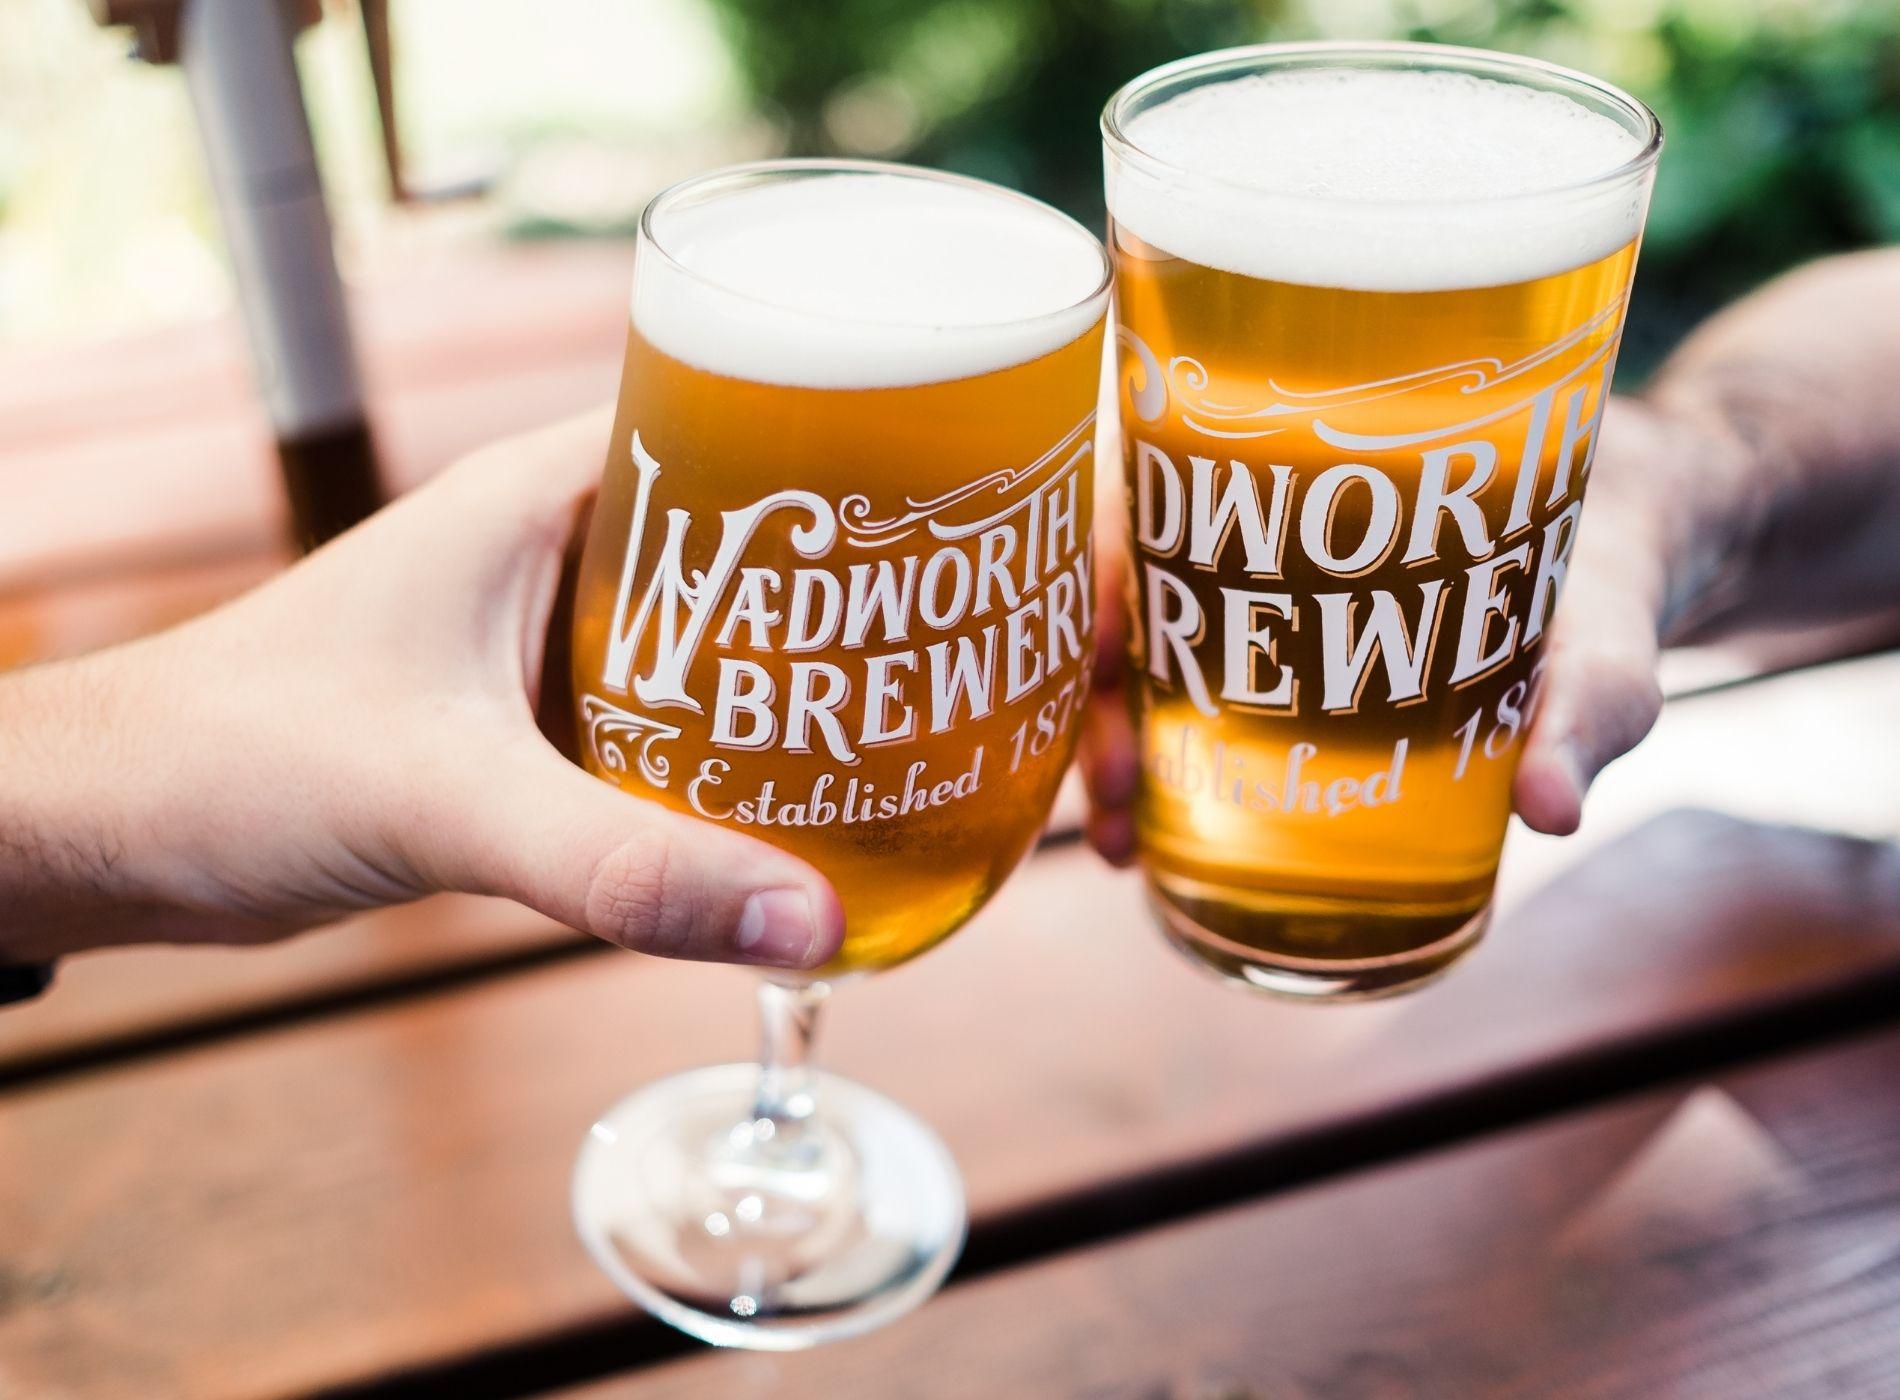 Wadworth beers